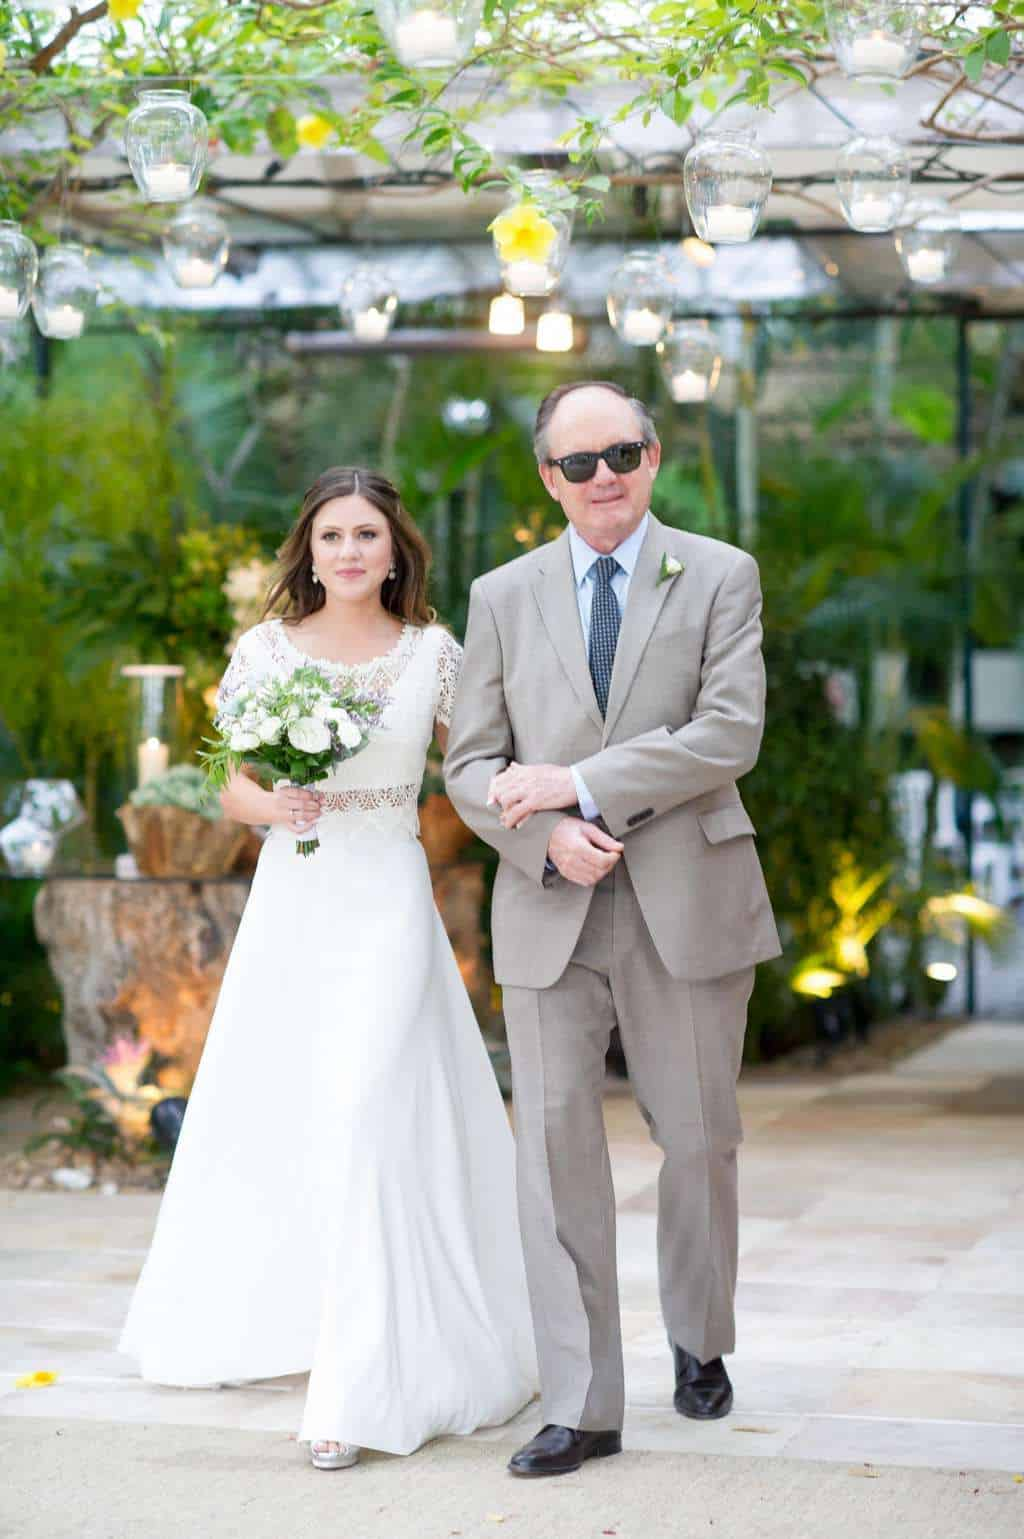 Casa-de-Santa-Teresa-Daniela-e-Juan-Destination-Wedding-Mariana-Nogueira-Decor-Marina-Fava-Fotografia-Thais-de-Carvalho-Dias-CaseMe-2